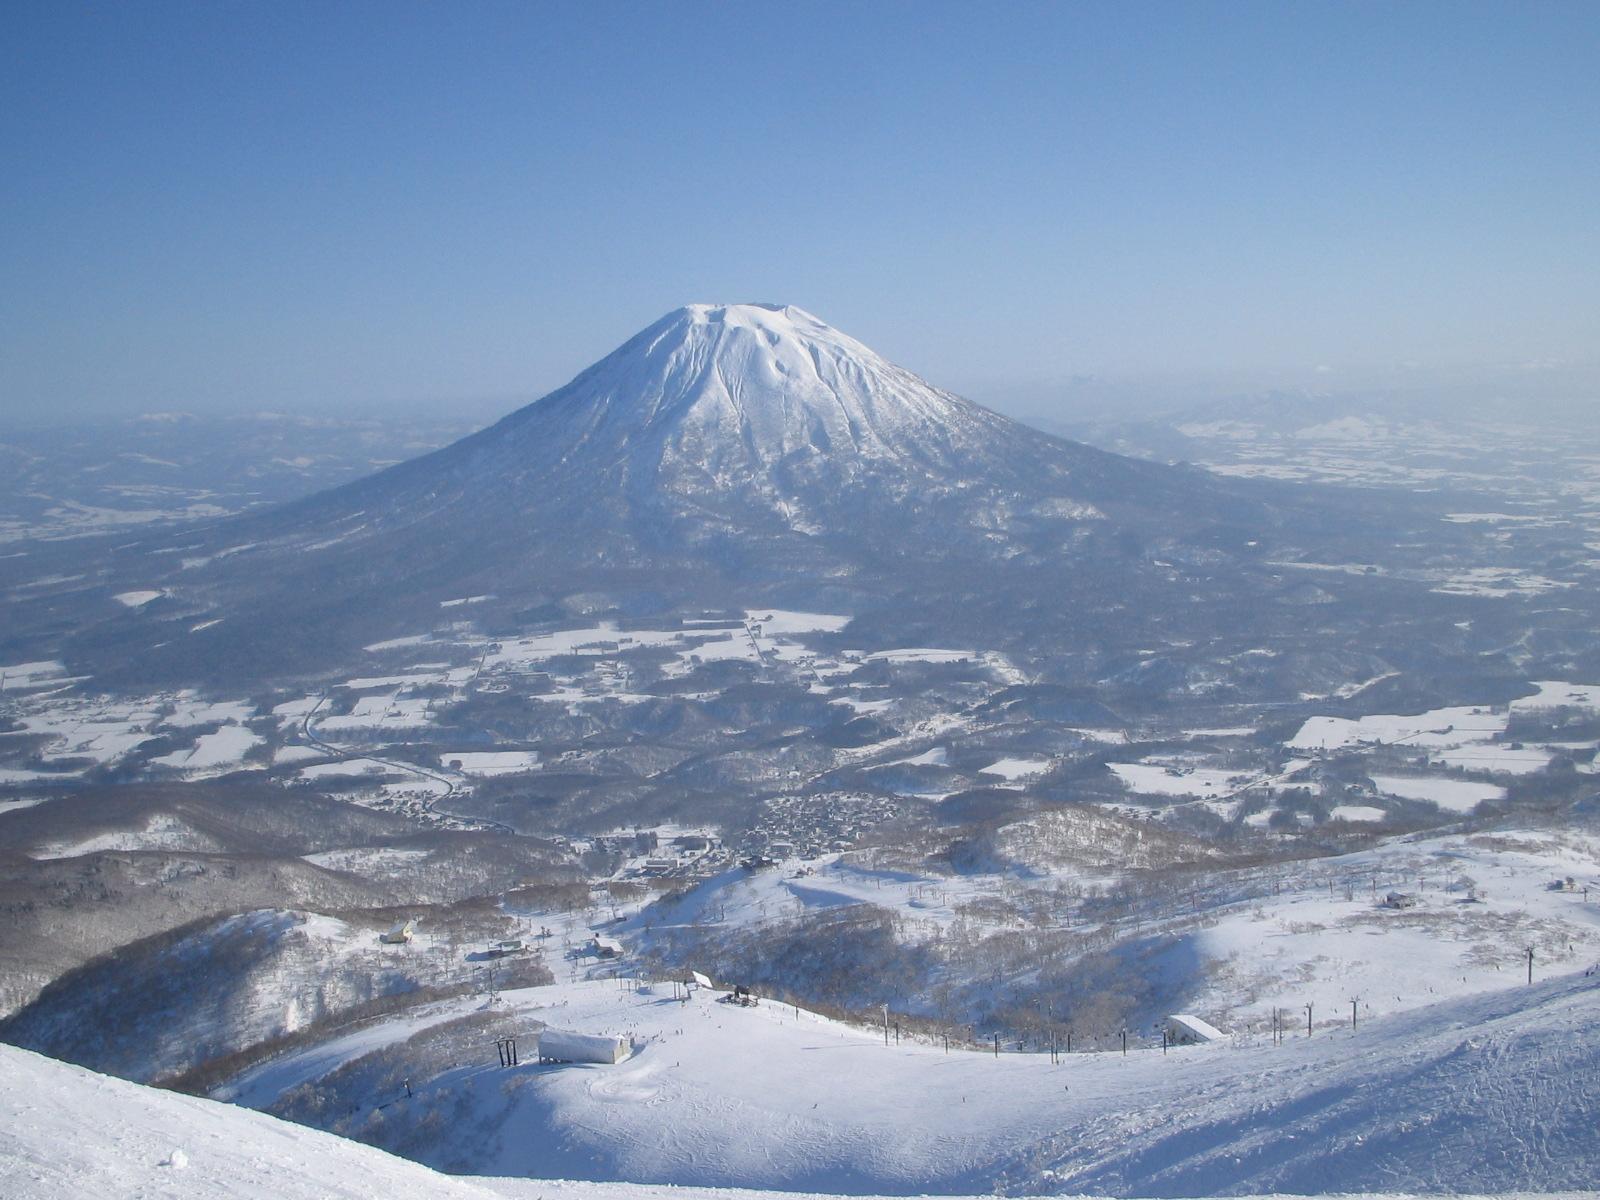 Découvrez la ville et la station de ski de Niseko dans le Nord du Japon